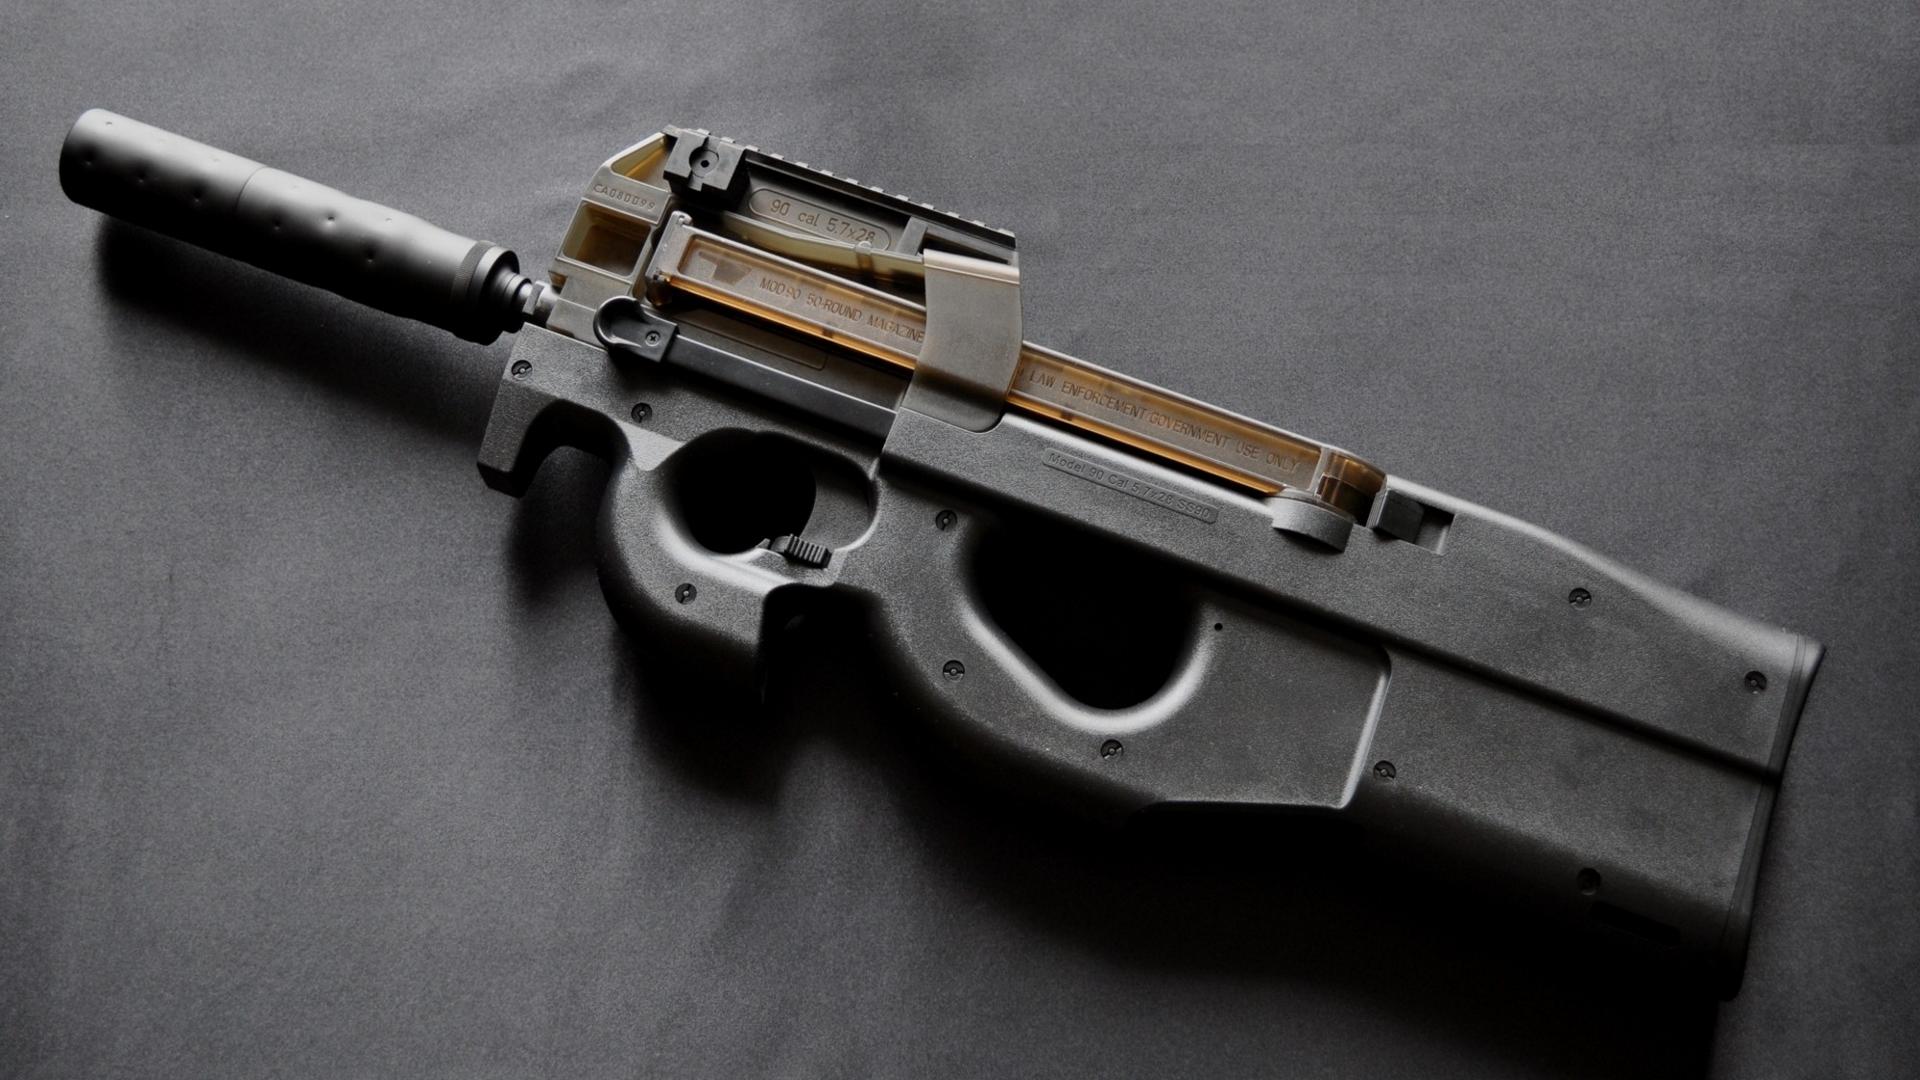 Ak 47 Iphone Wallpaper Ss90 Gun With Silencer Hd Wallpaper